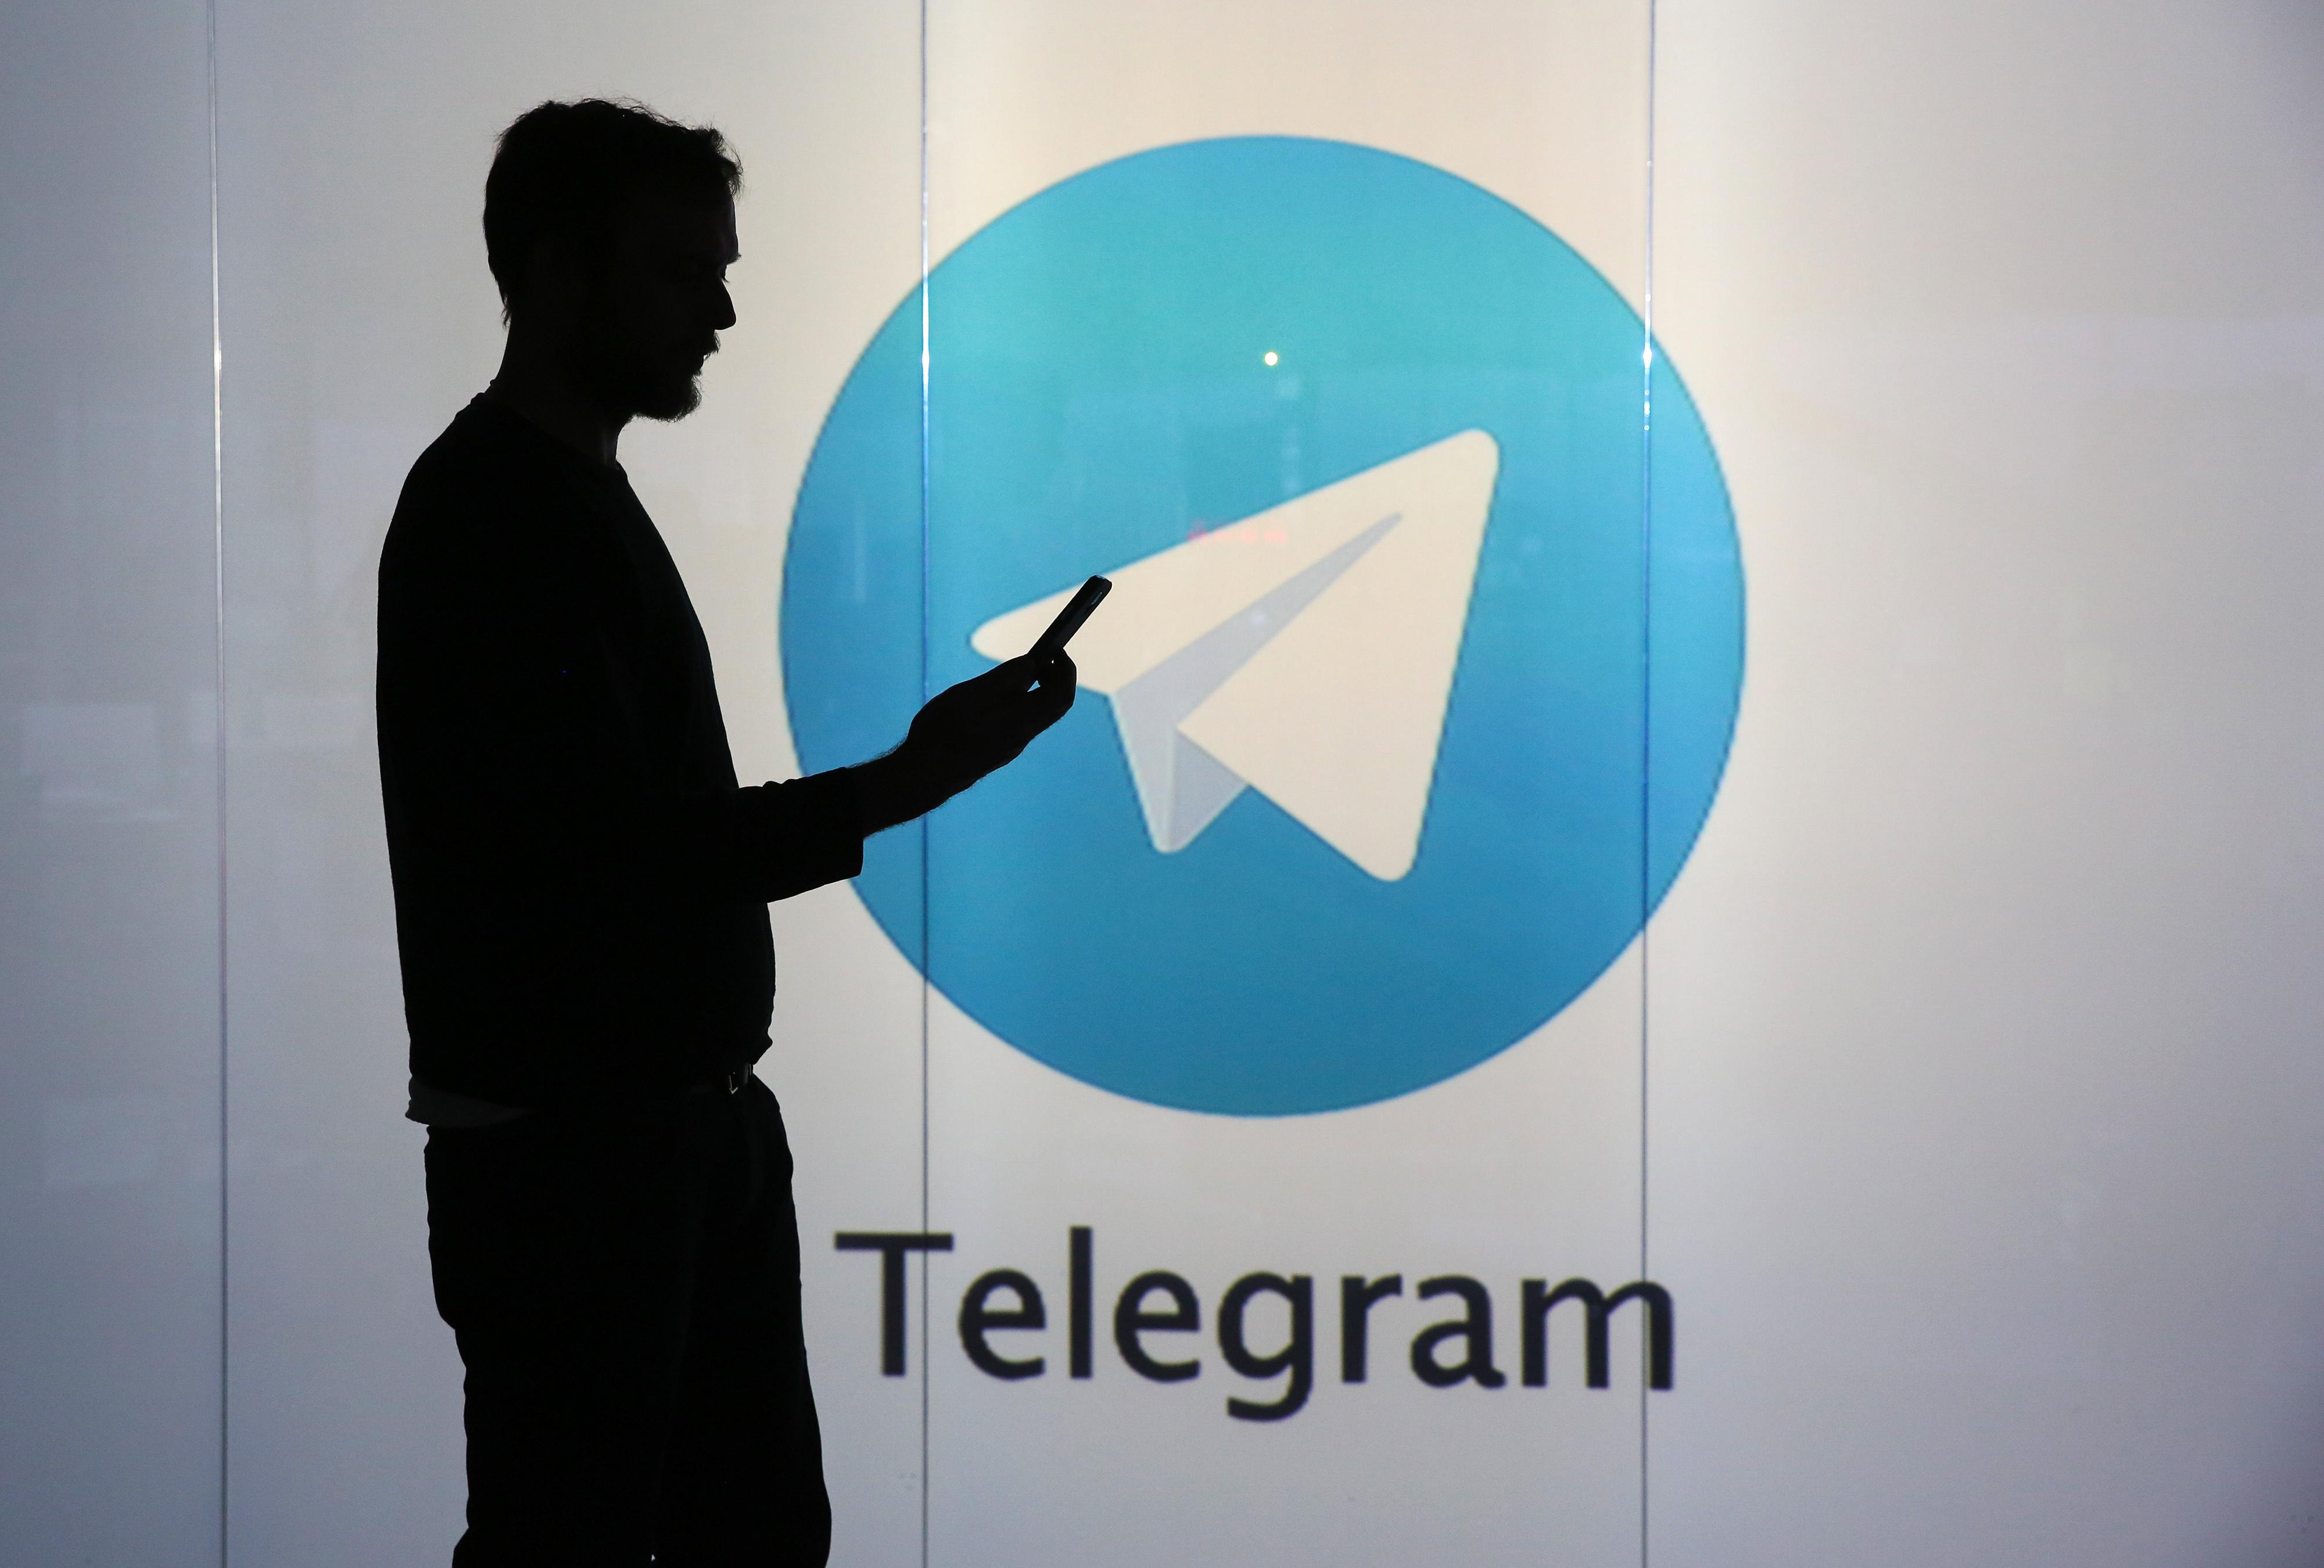 Telegram criptomoeda homem com sombra